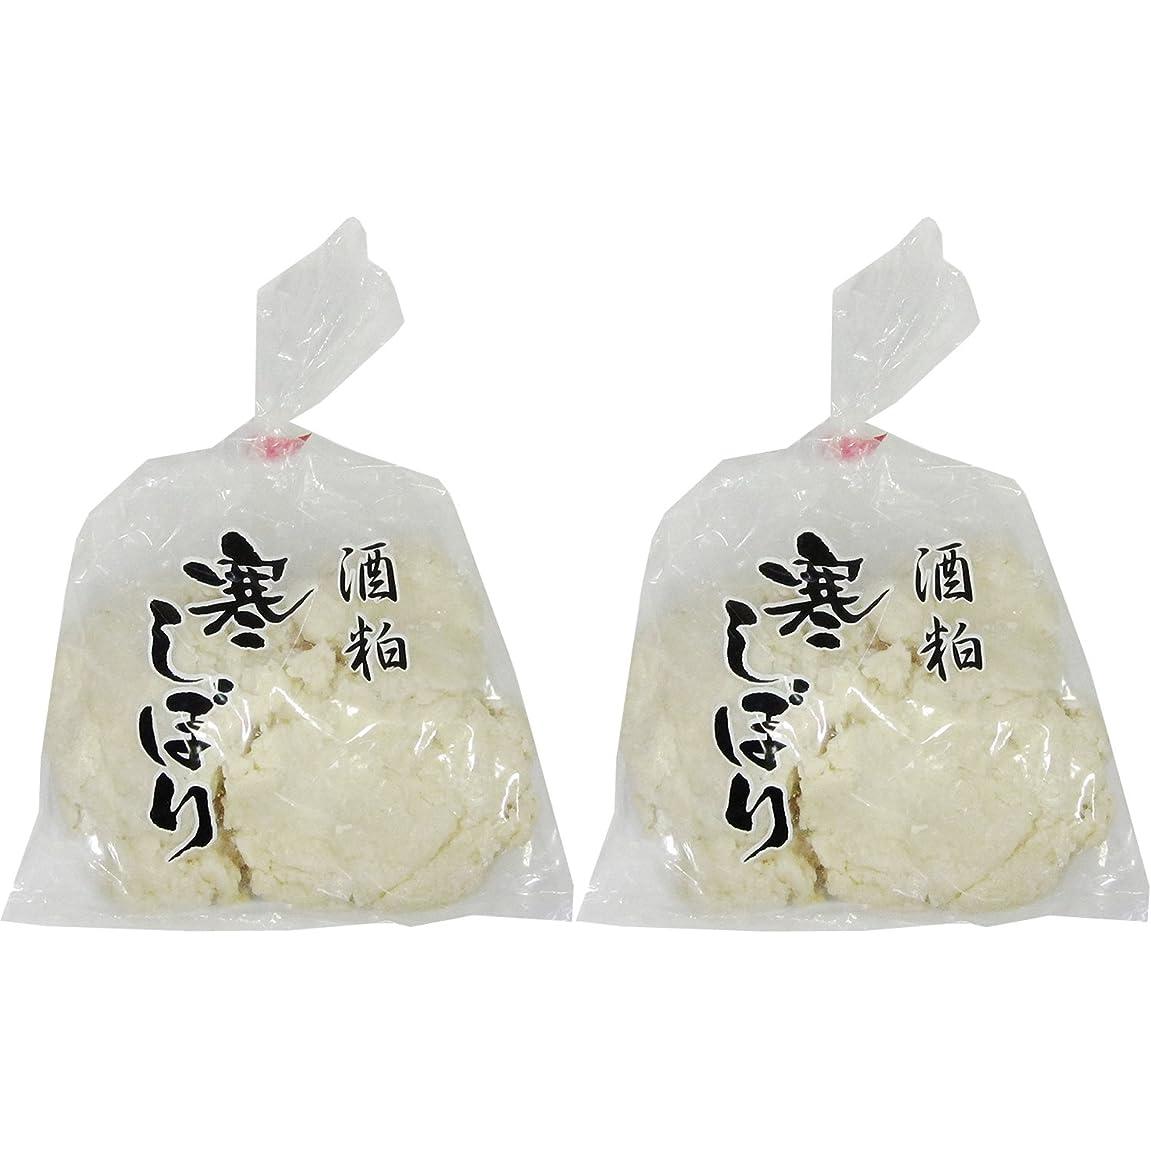 ハウス放棄叫ぶ瓜 奈良漬 500g 奈良で作りました 徳島県産 うり 使用